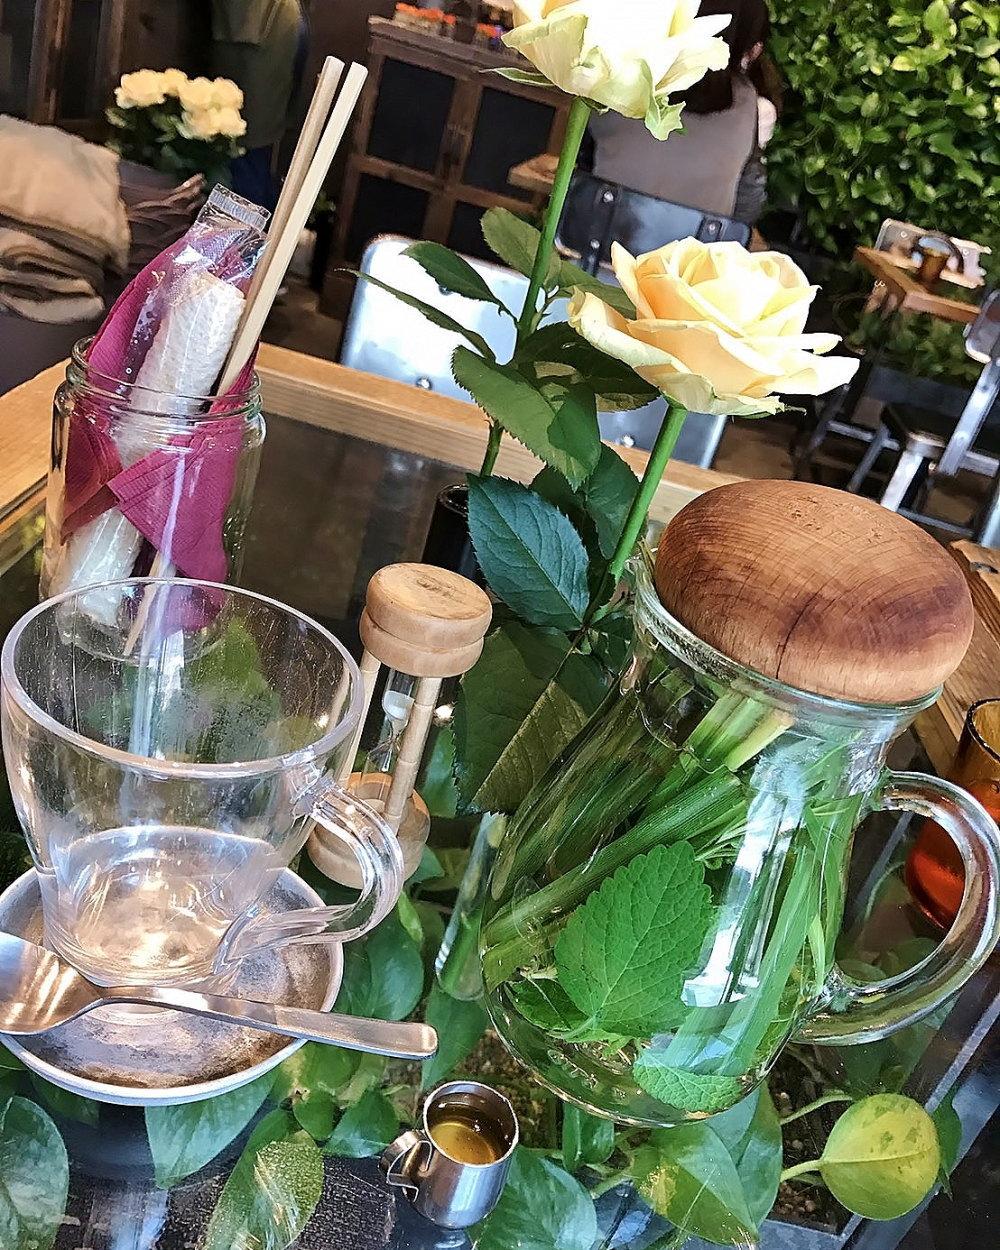 青山フラワーマーケット カフェ TEA HOUSE 店内写真